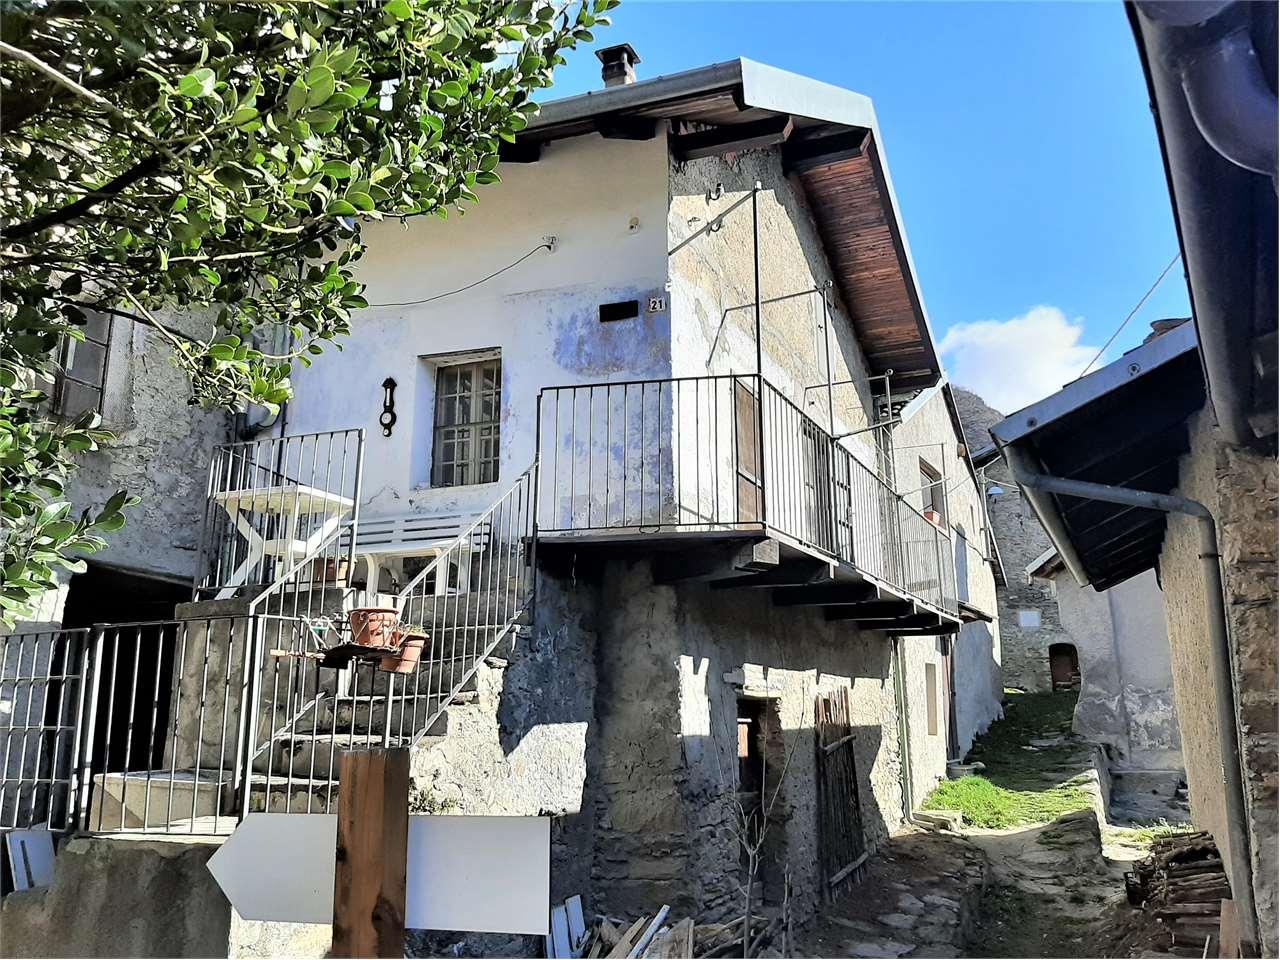 Rustico / Casale in vendita a Bussoleno, 3 locali, prezzo € 19.900 | PortaleAgenzieImmobiliari.it